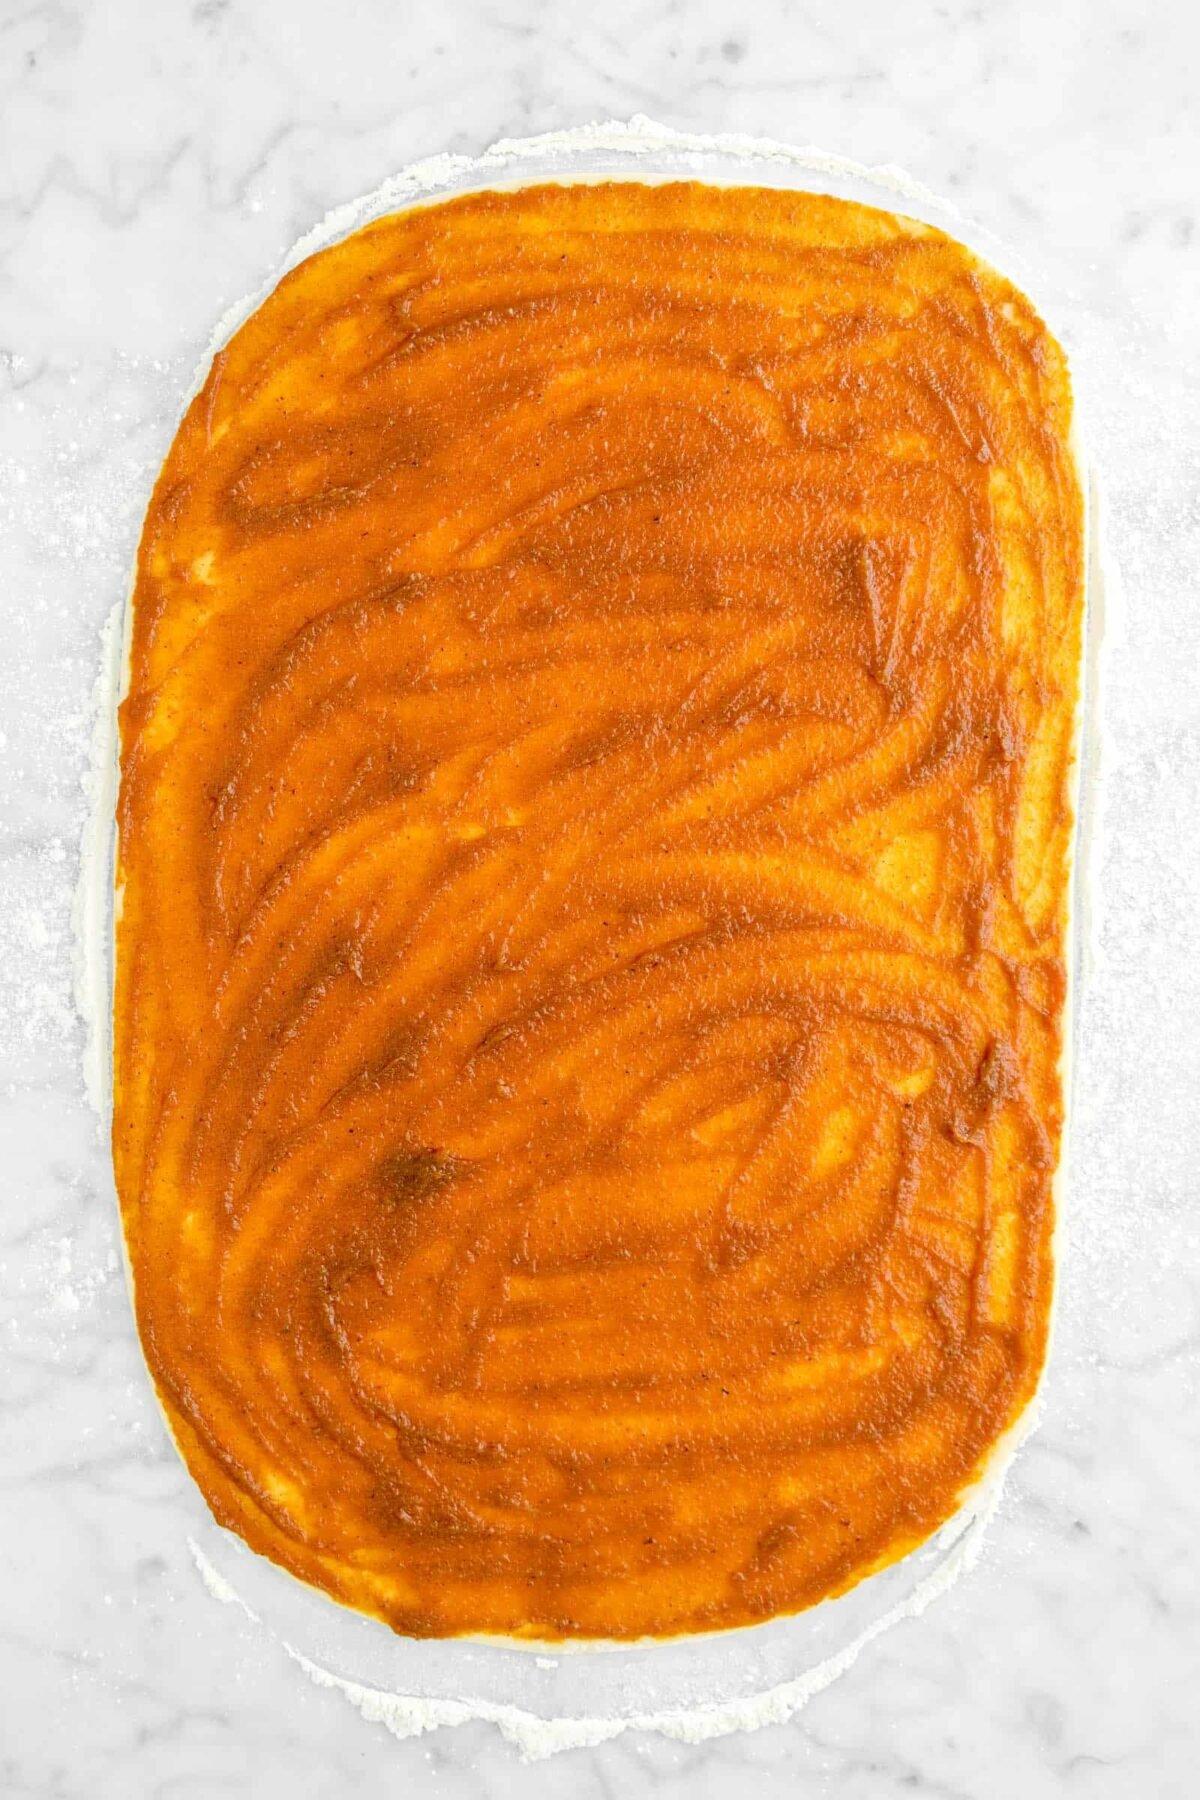 pumpkin butter spread across dough